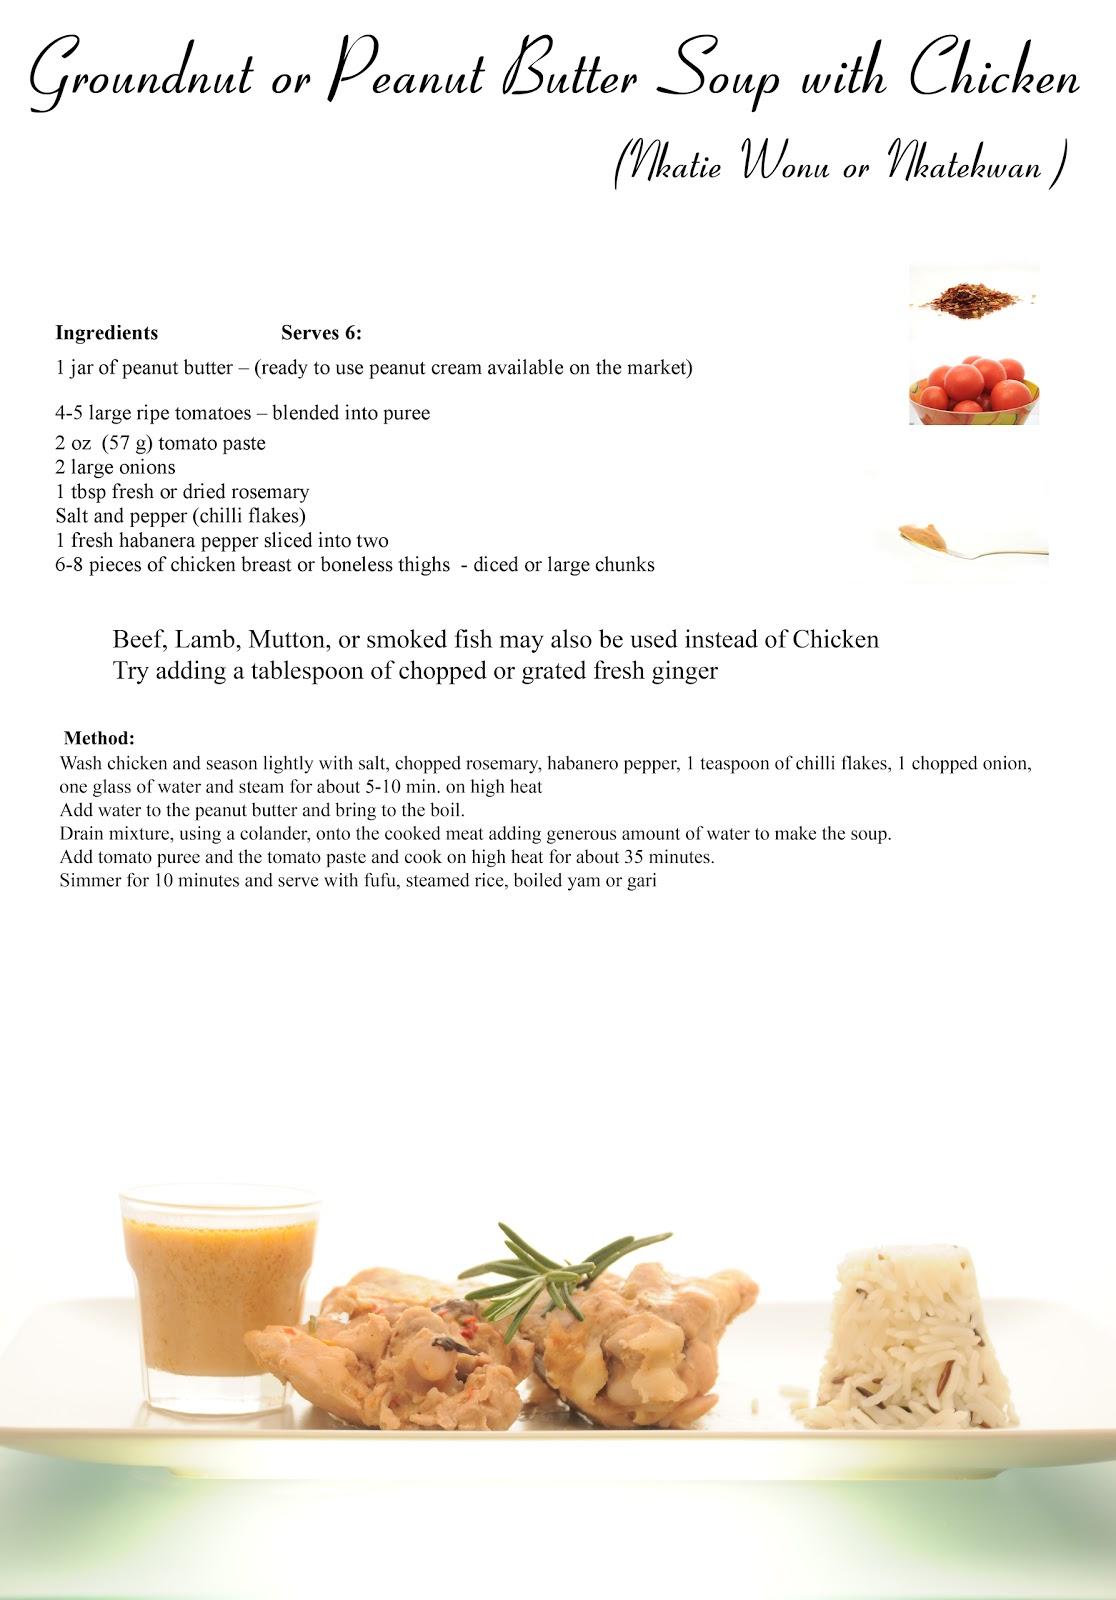 peanut butter soup recipe